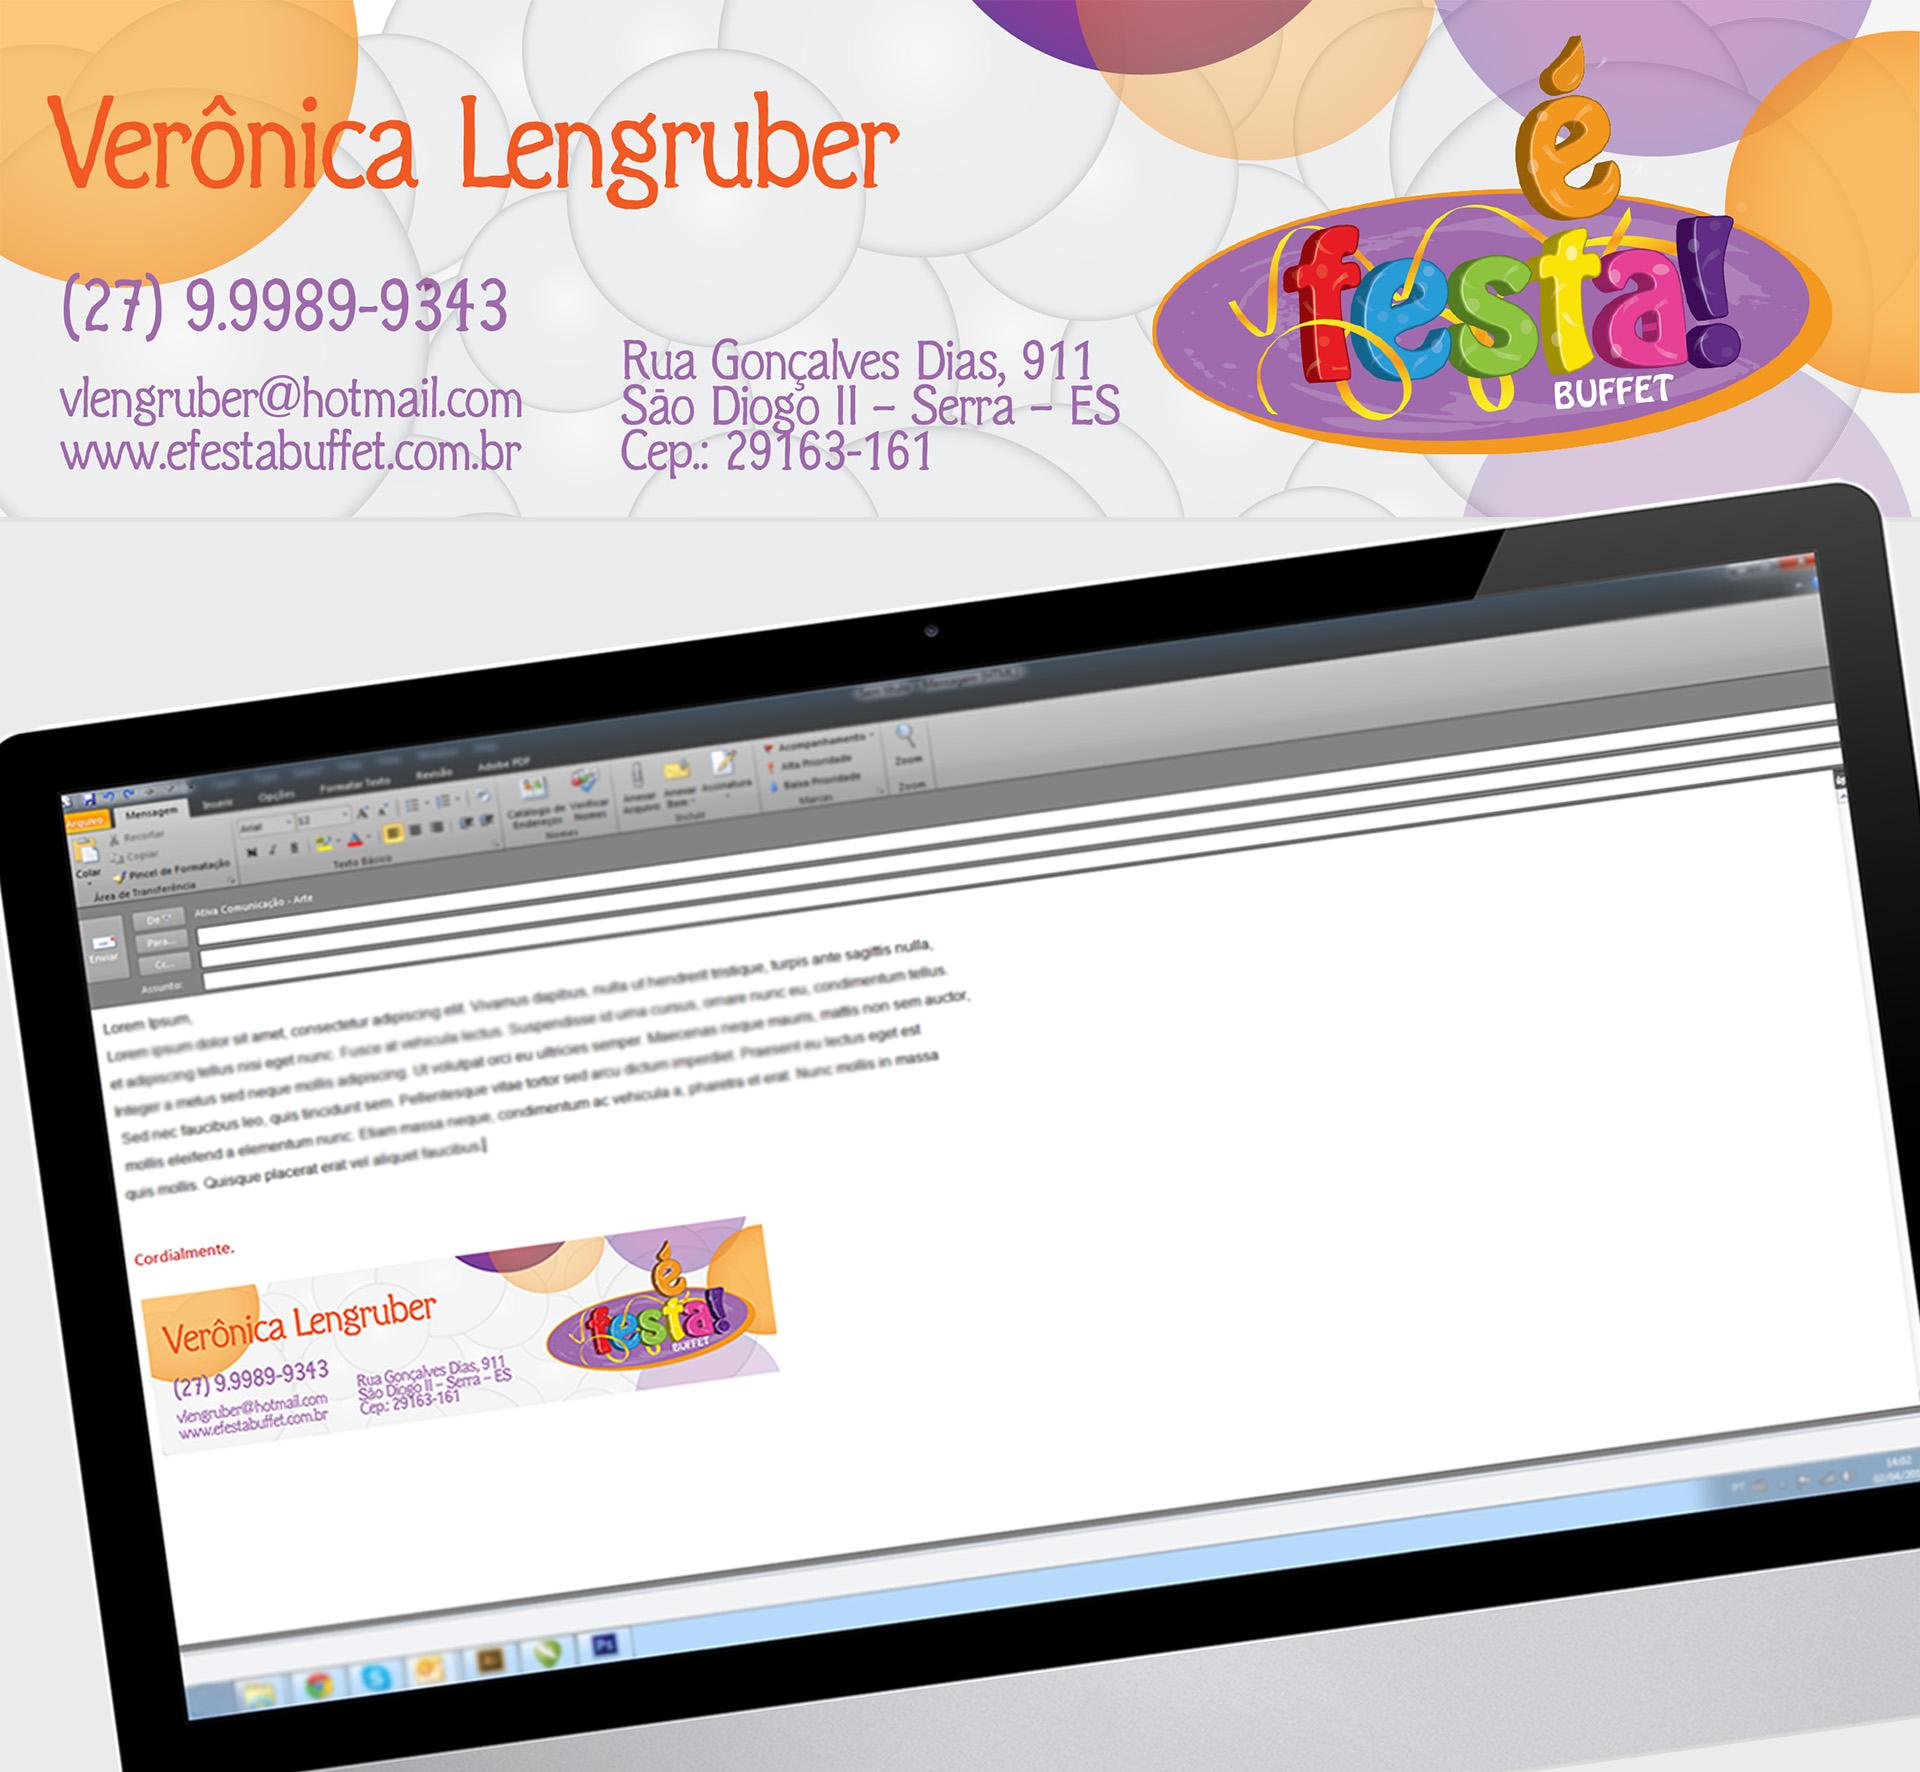 assinatura-de-e-mail-e-festa